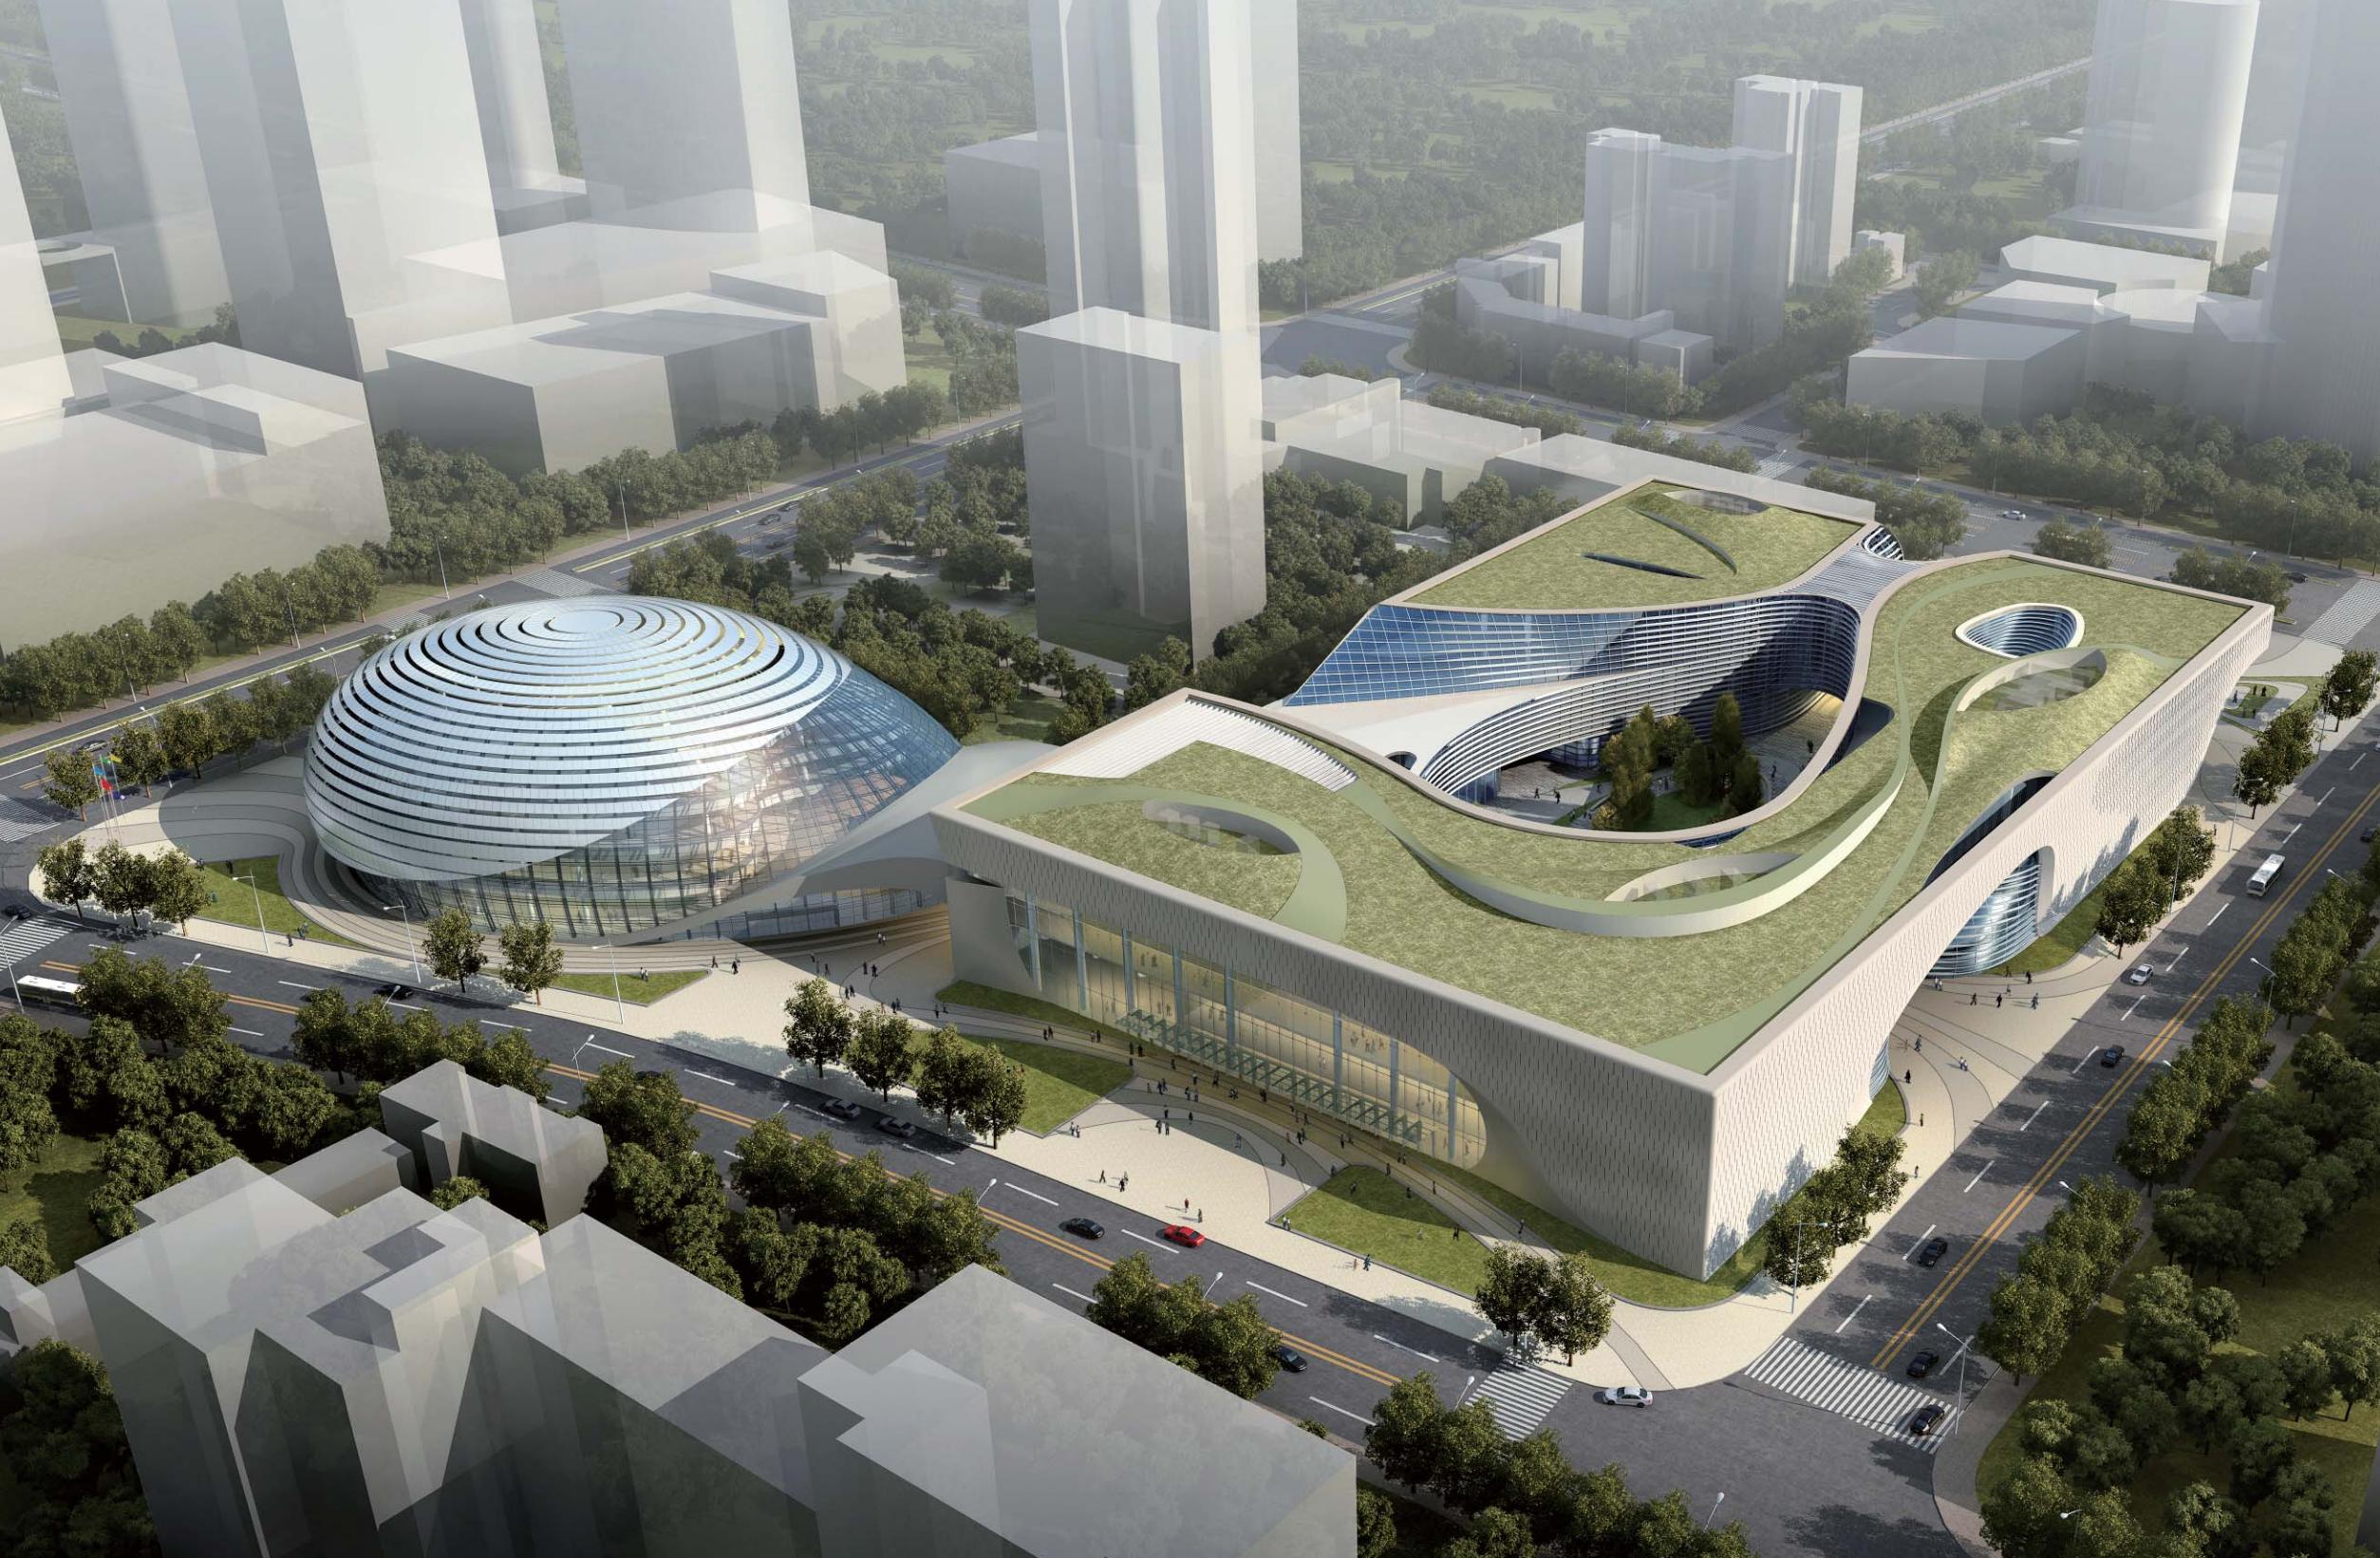 [江苏]苏州吴中区东吴市民中心文化建筑群设计方案文本